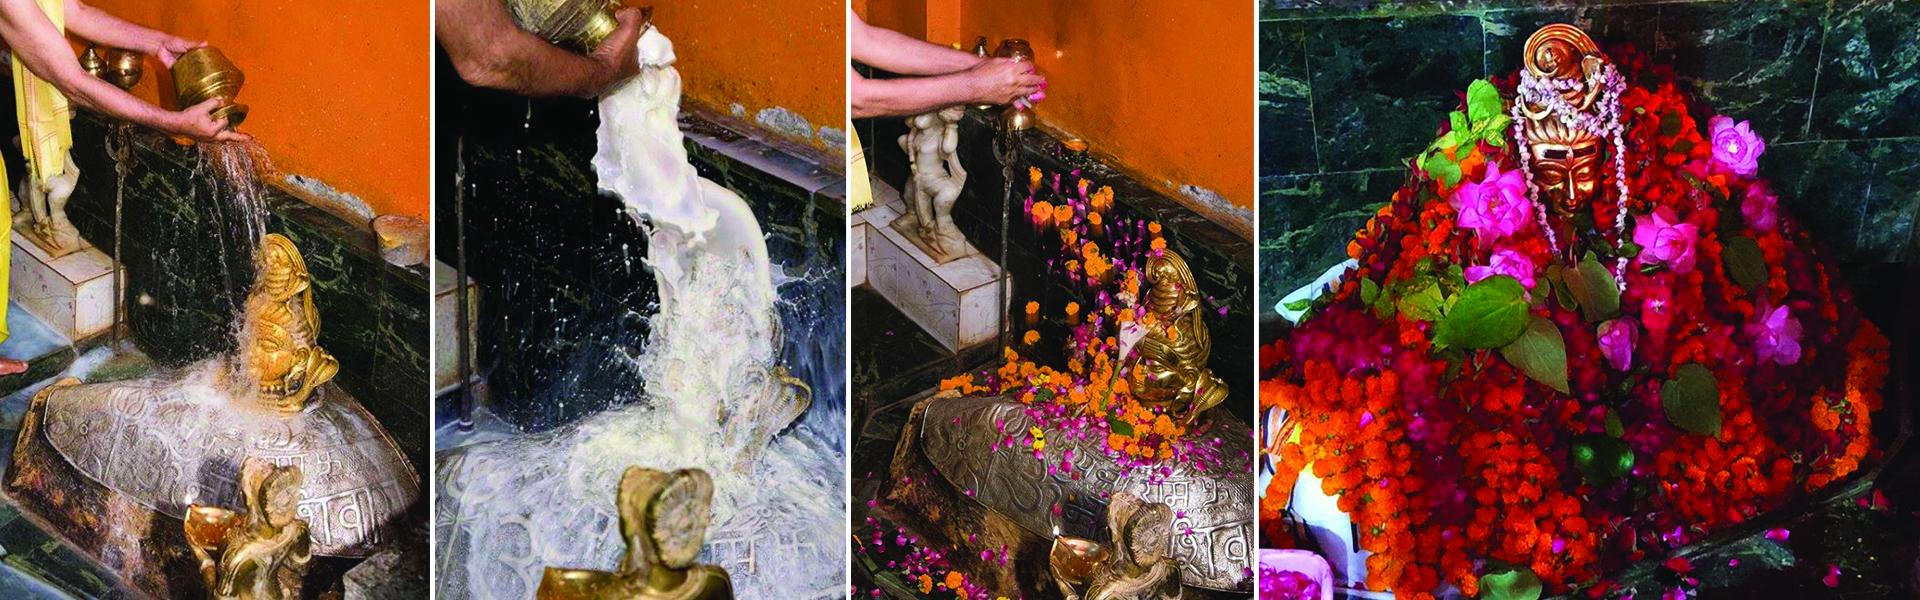 शिव पूजा कैसे ? – शिव भगतों की जानकारी हेतु – शिव पूजन विशेष